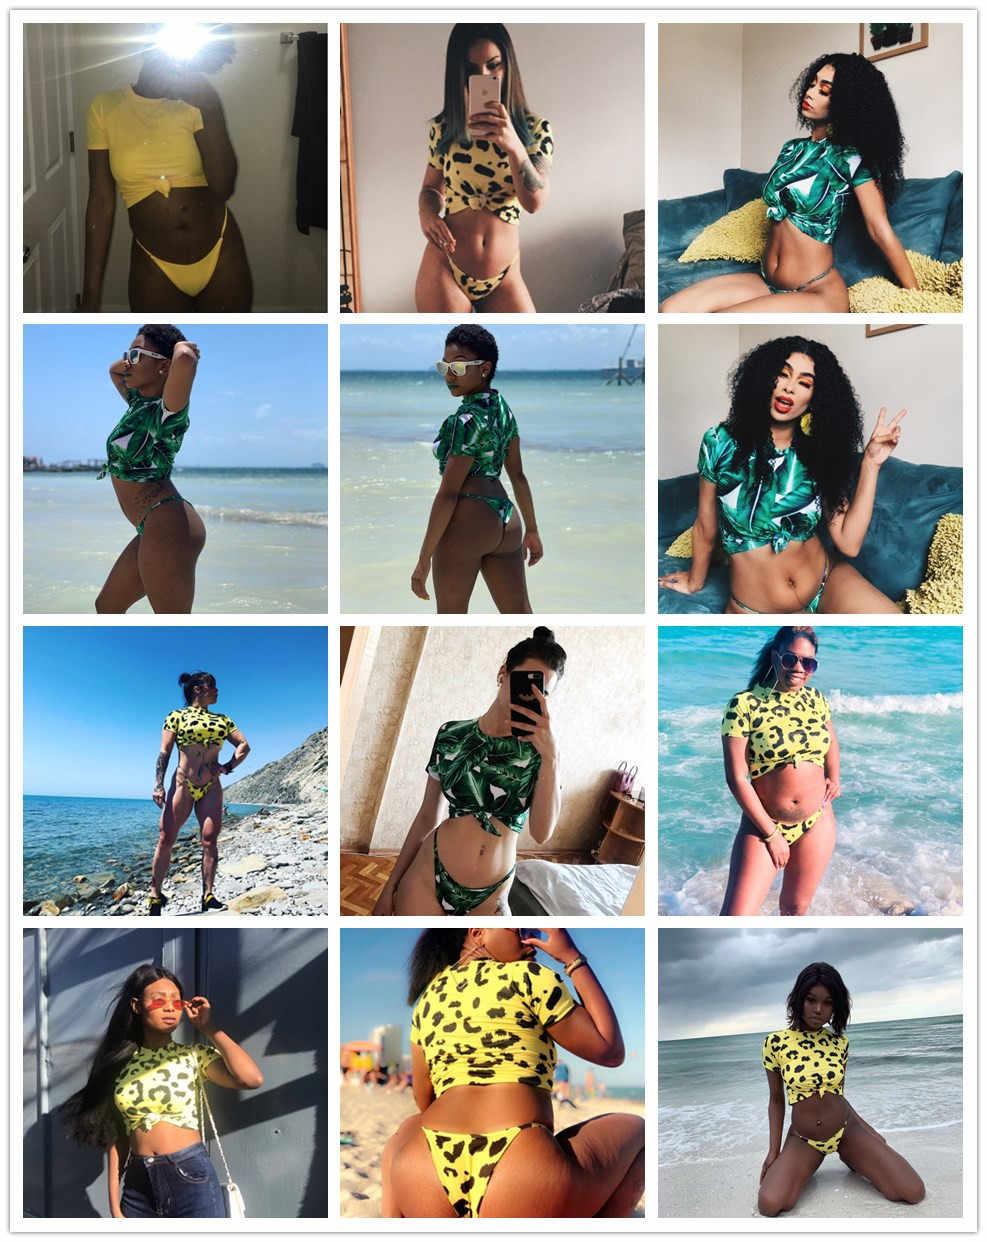 KGFIGU dwuczęściowy zestaw 2019 letnie ubrania dla kobiet leapard nadruk węża stringi zestawy z krótkimi spodenkami sexy beach style pasujące zestawy festiwal